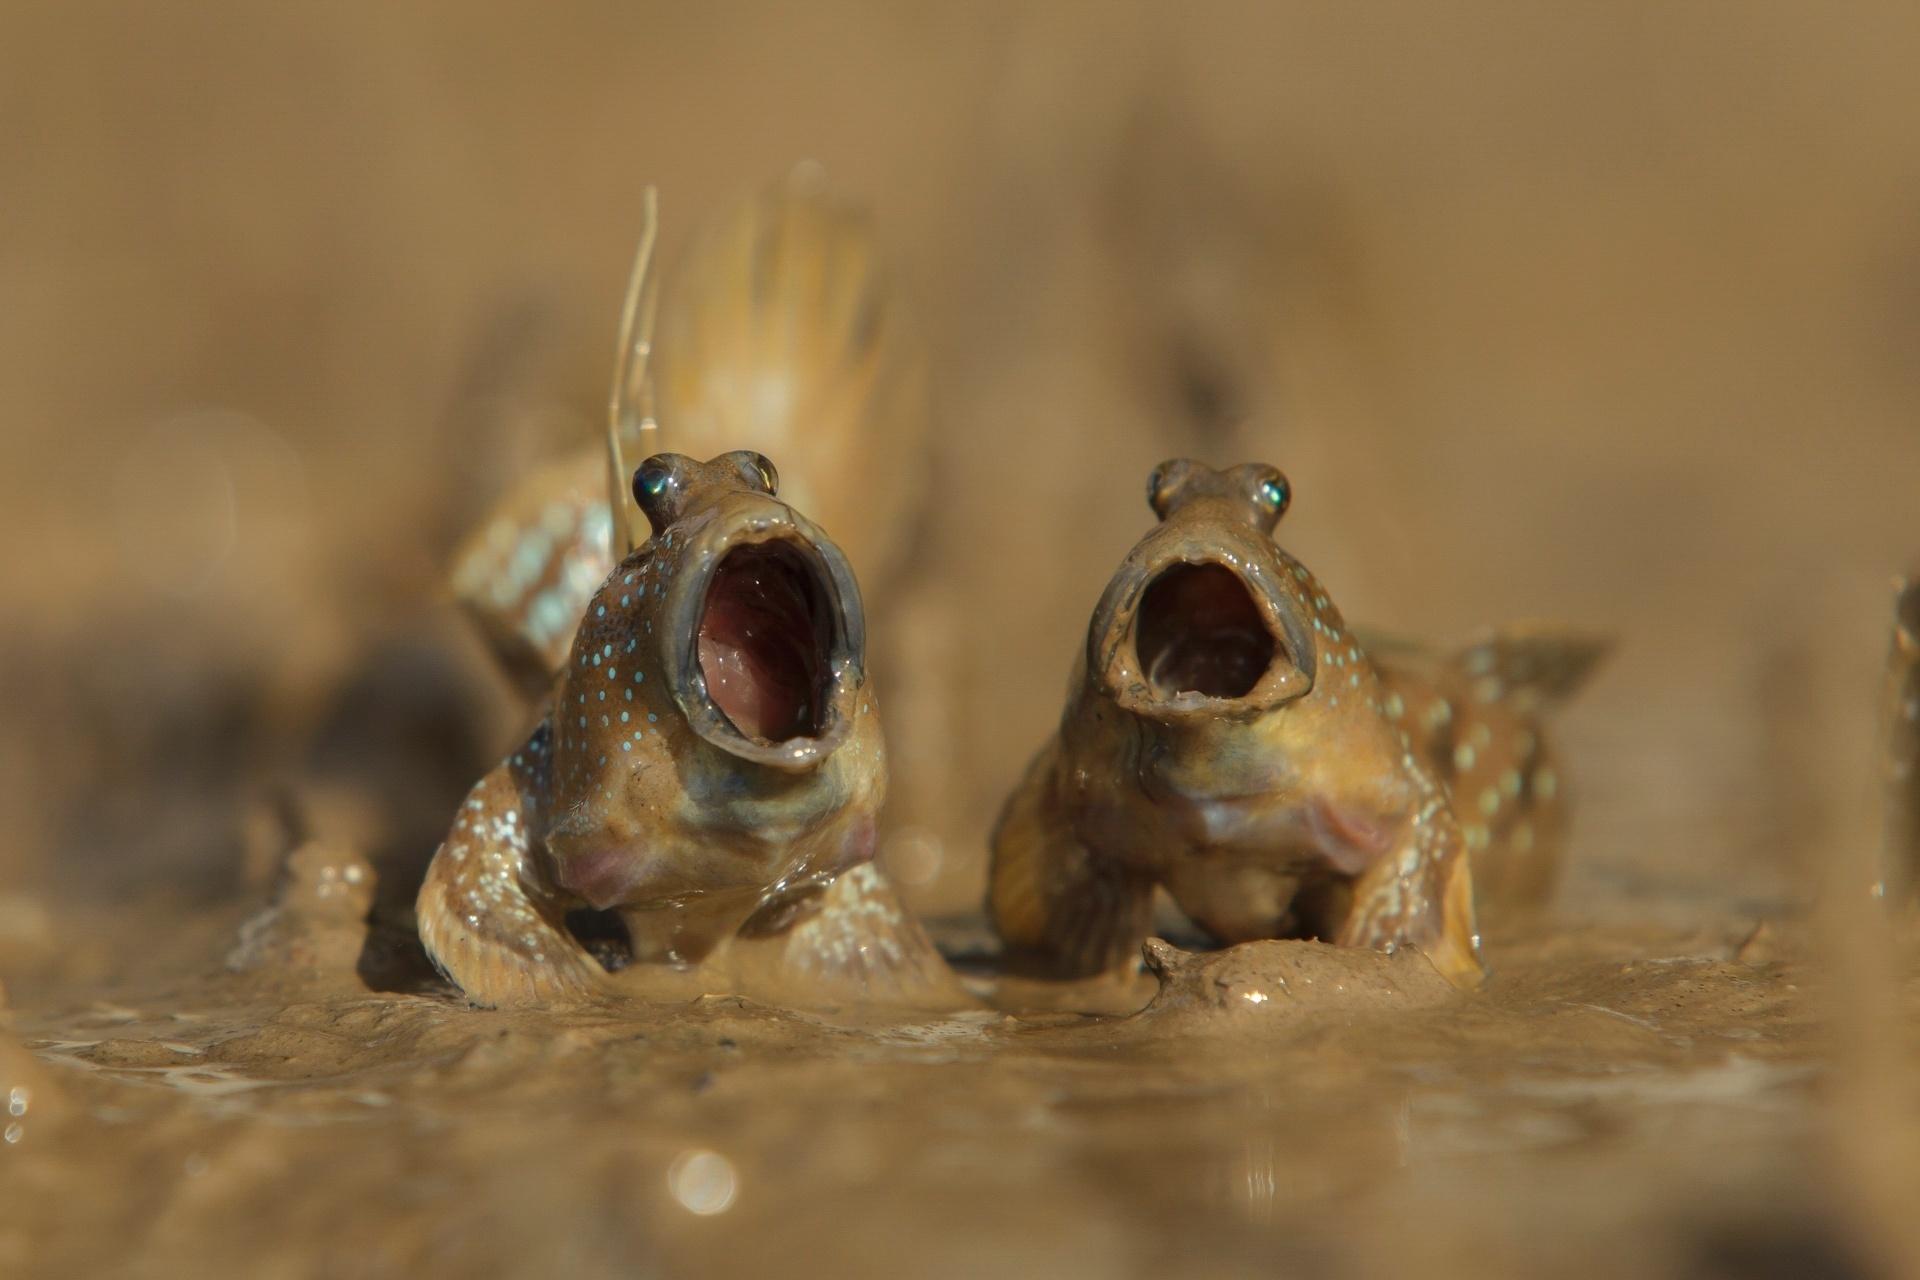 Cantoria - Esses dois Saltadores do Lodo, gênero de peixes, parecem soltar o gogó em Krabi, na Tailândia